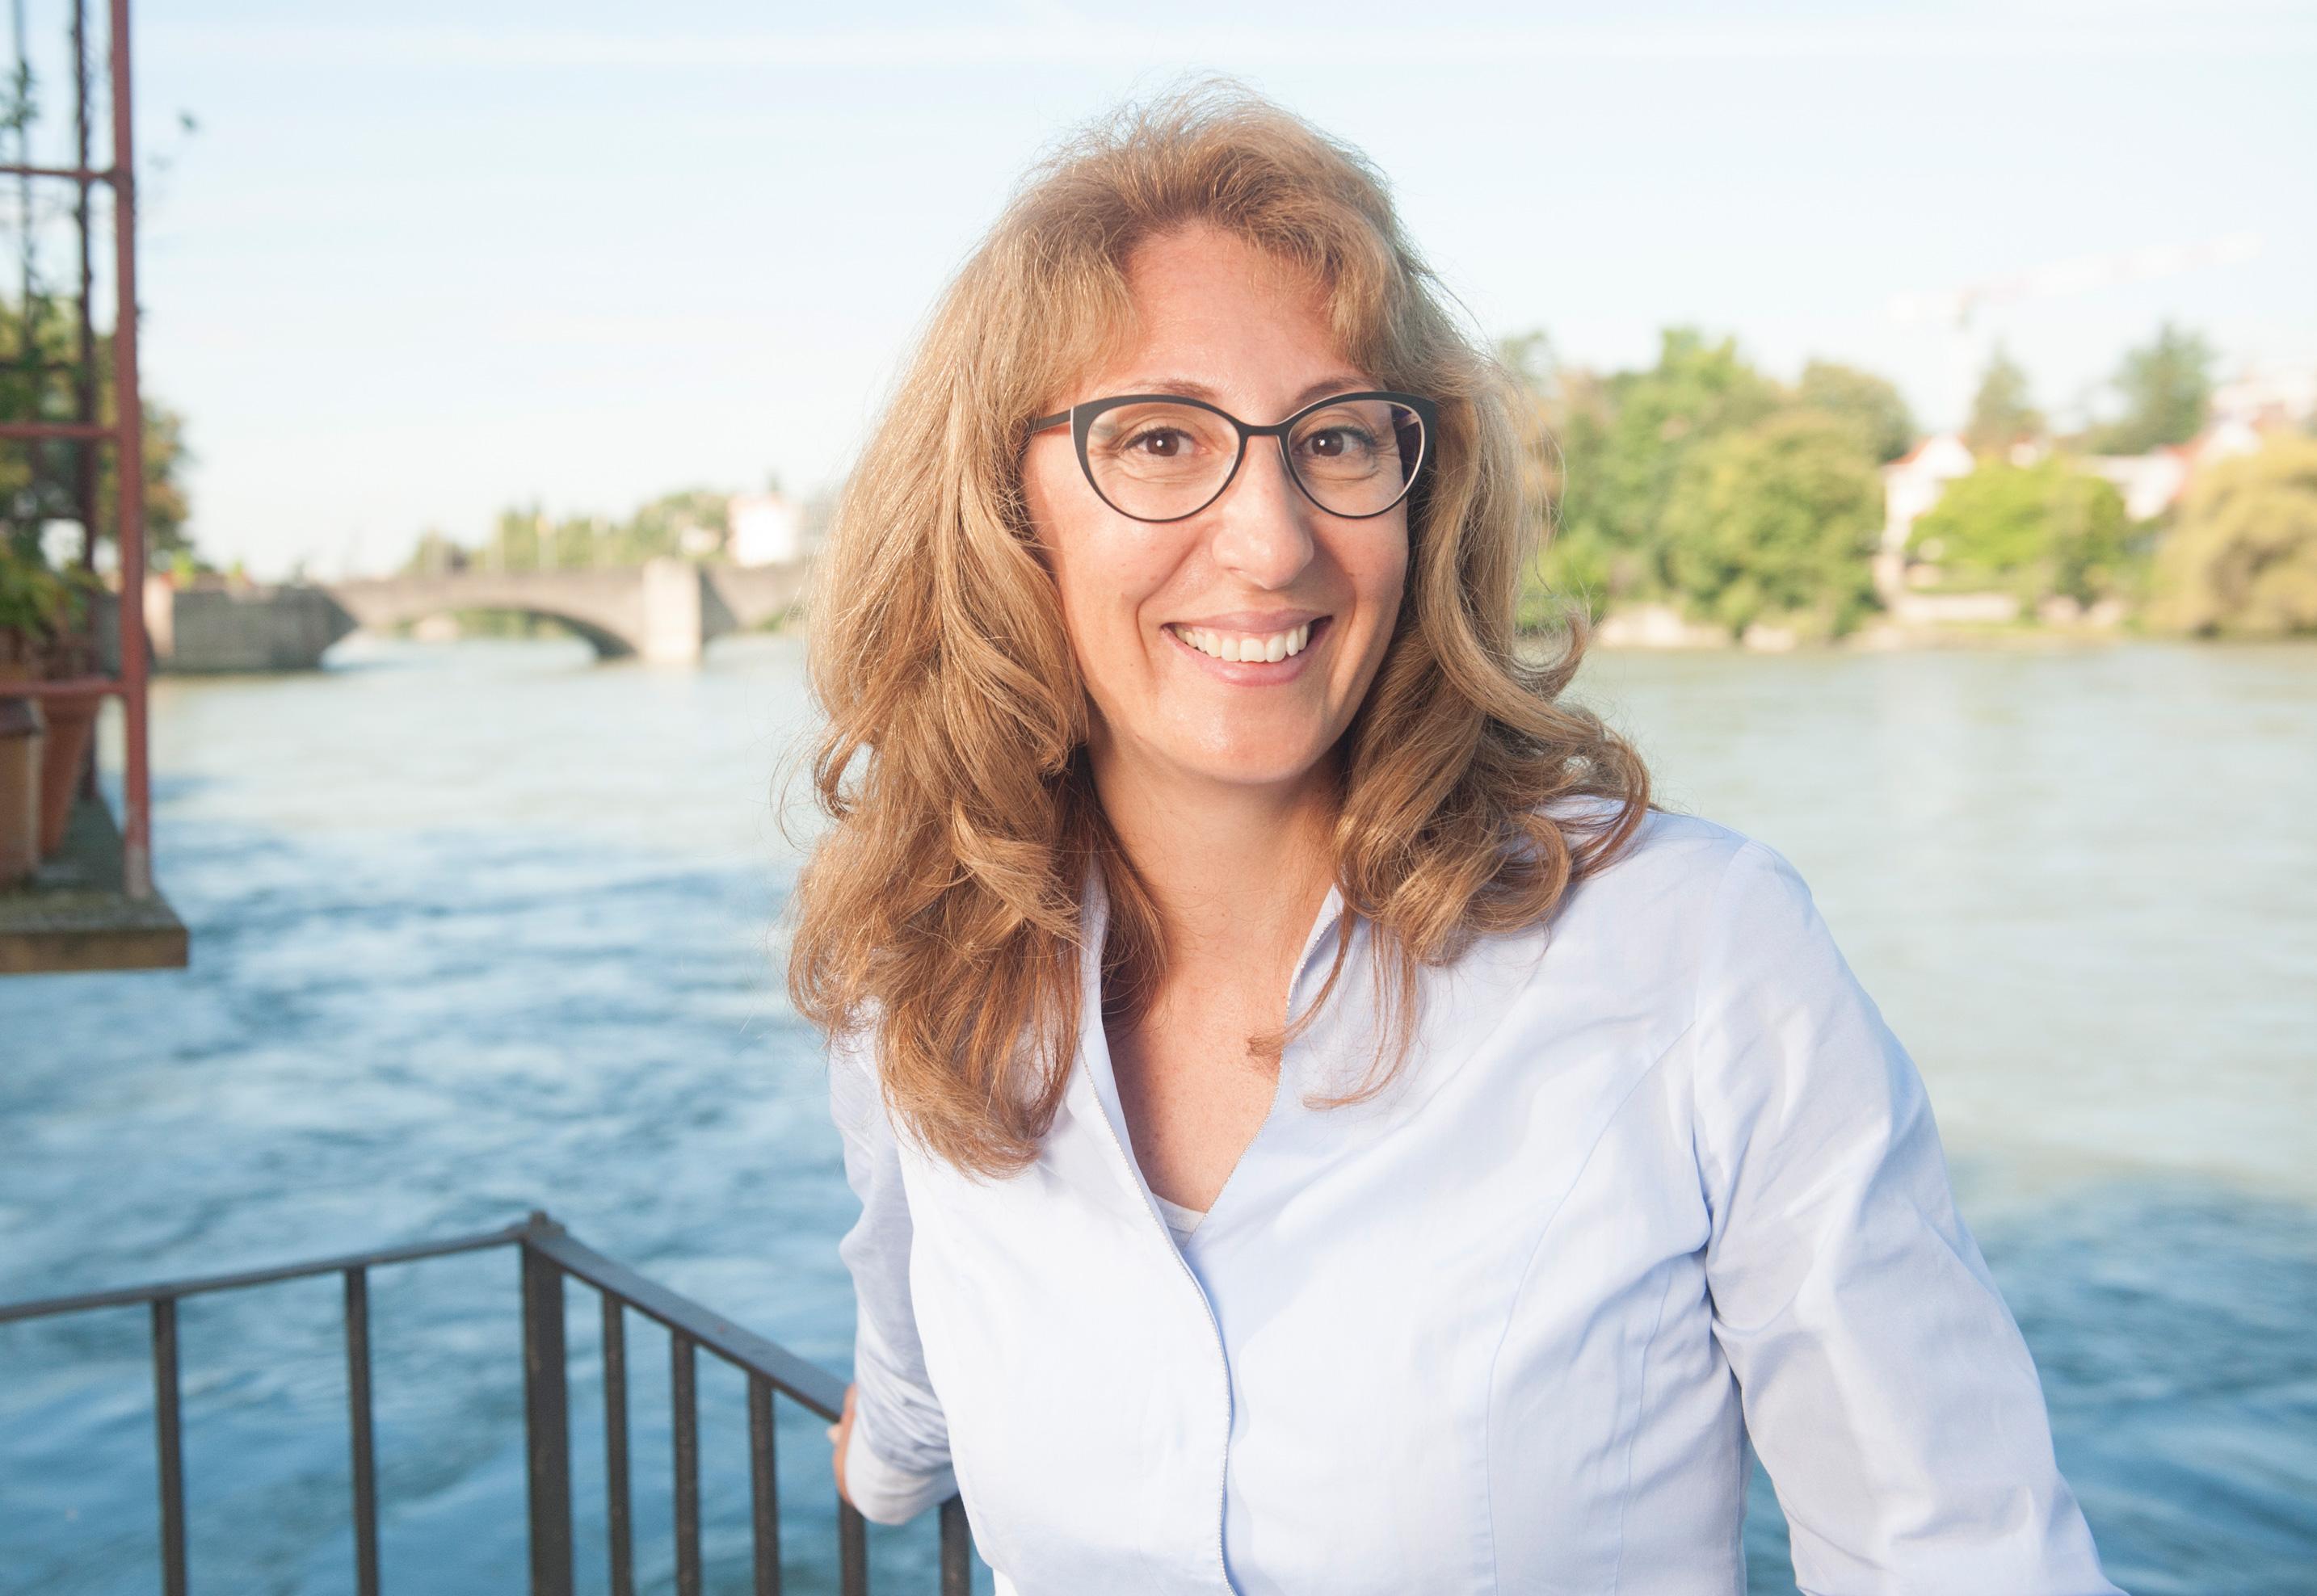 Irene Di Criscio